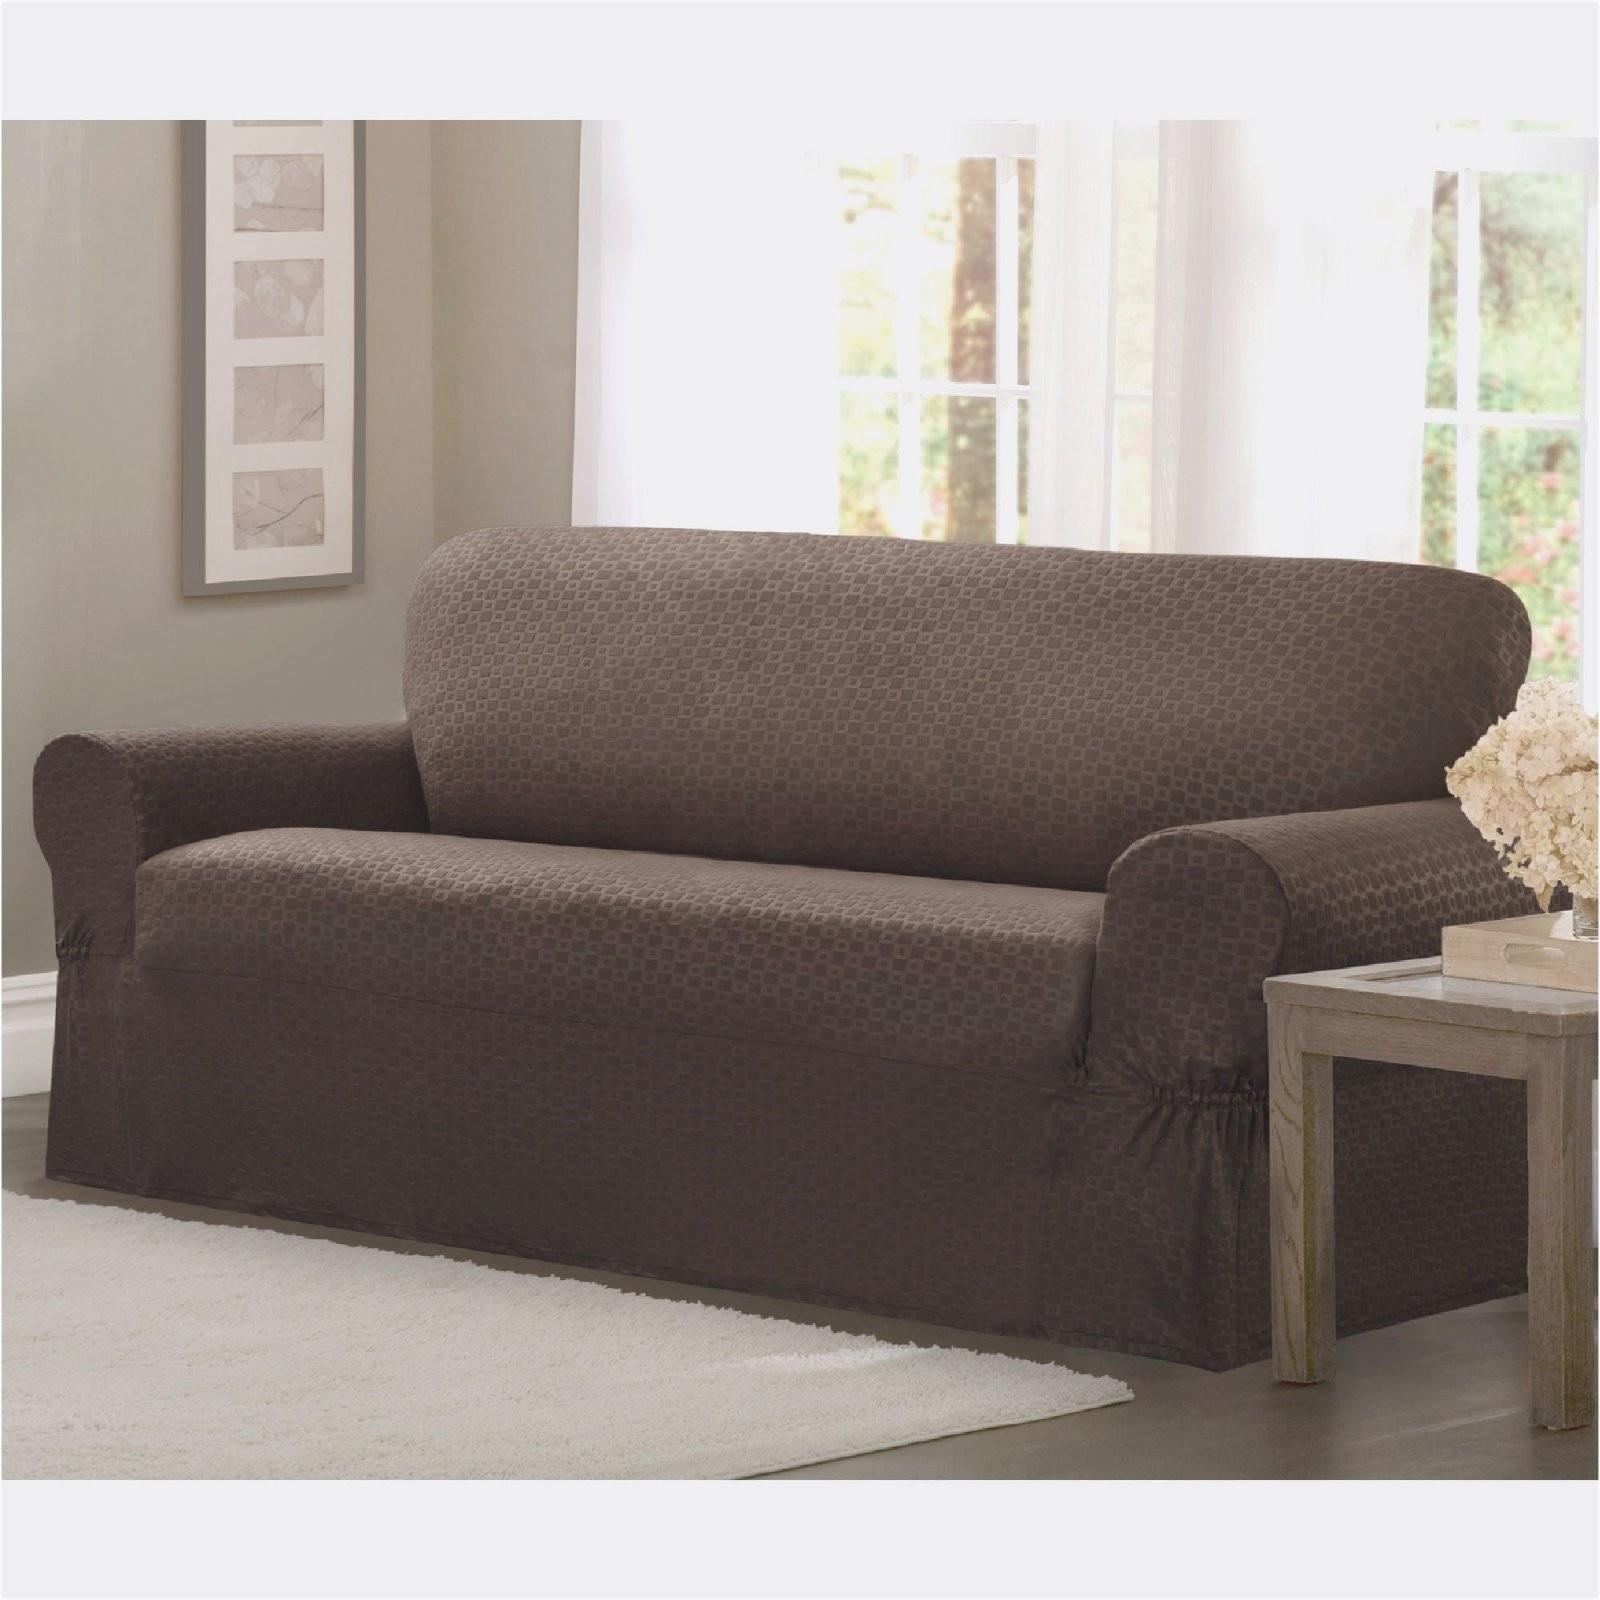 Sofa Hussen Selber Nähen Befriedigend Couchüberzug  12 Perfekte von Sofa Hussen Selber Nähen Photo